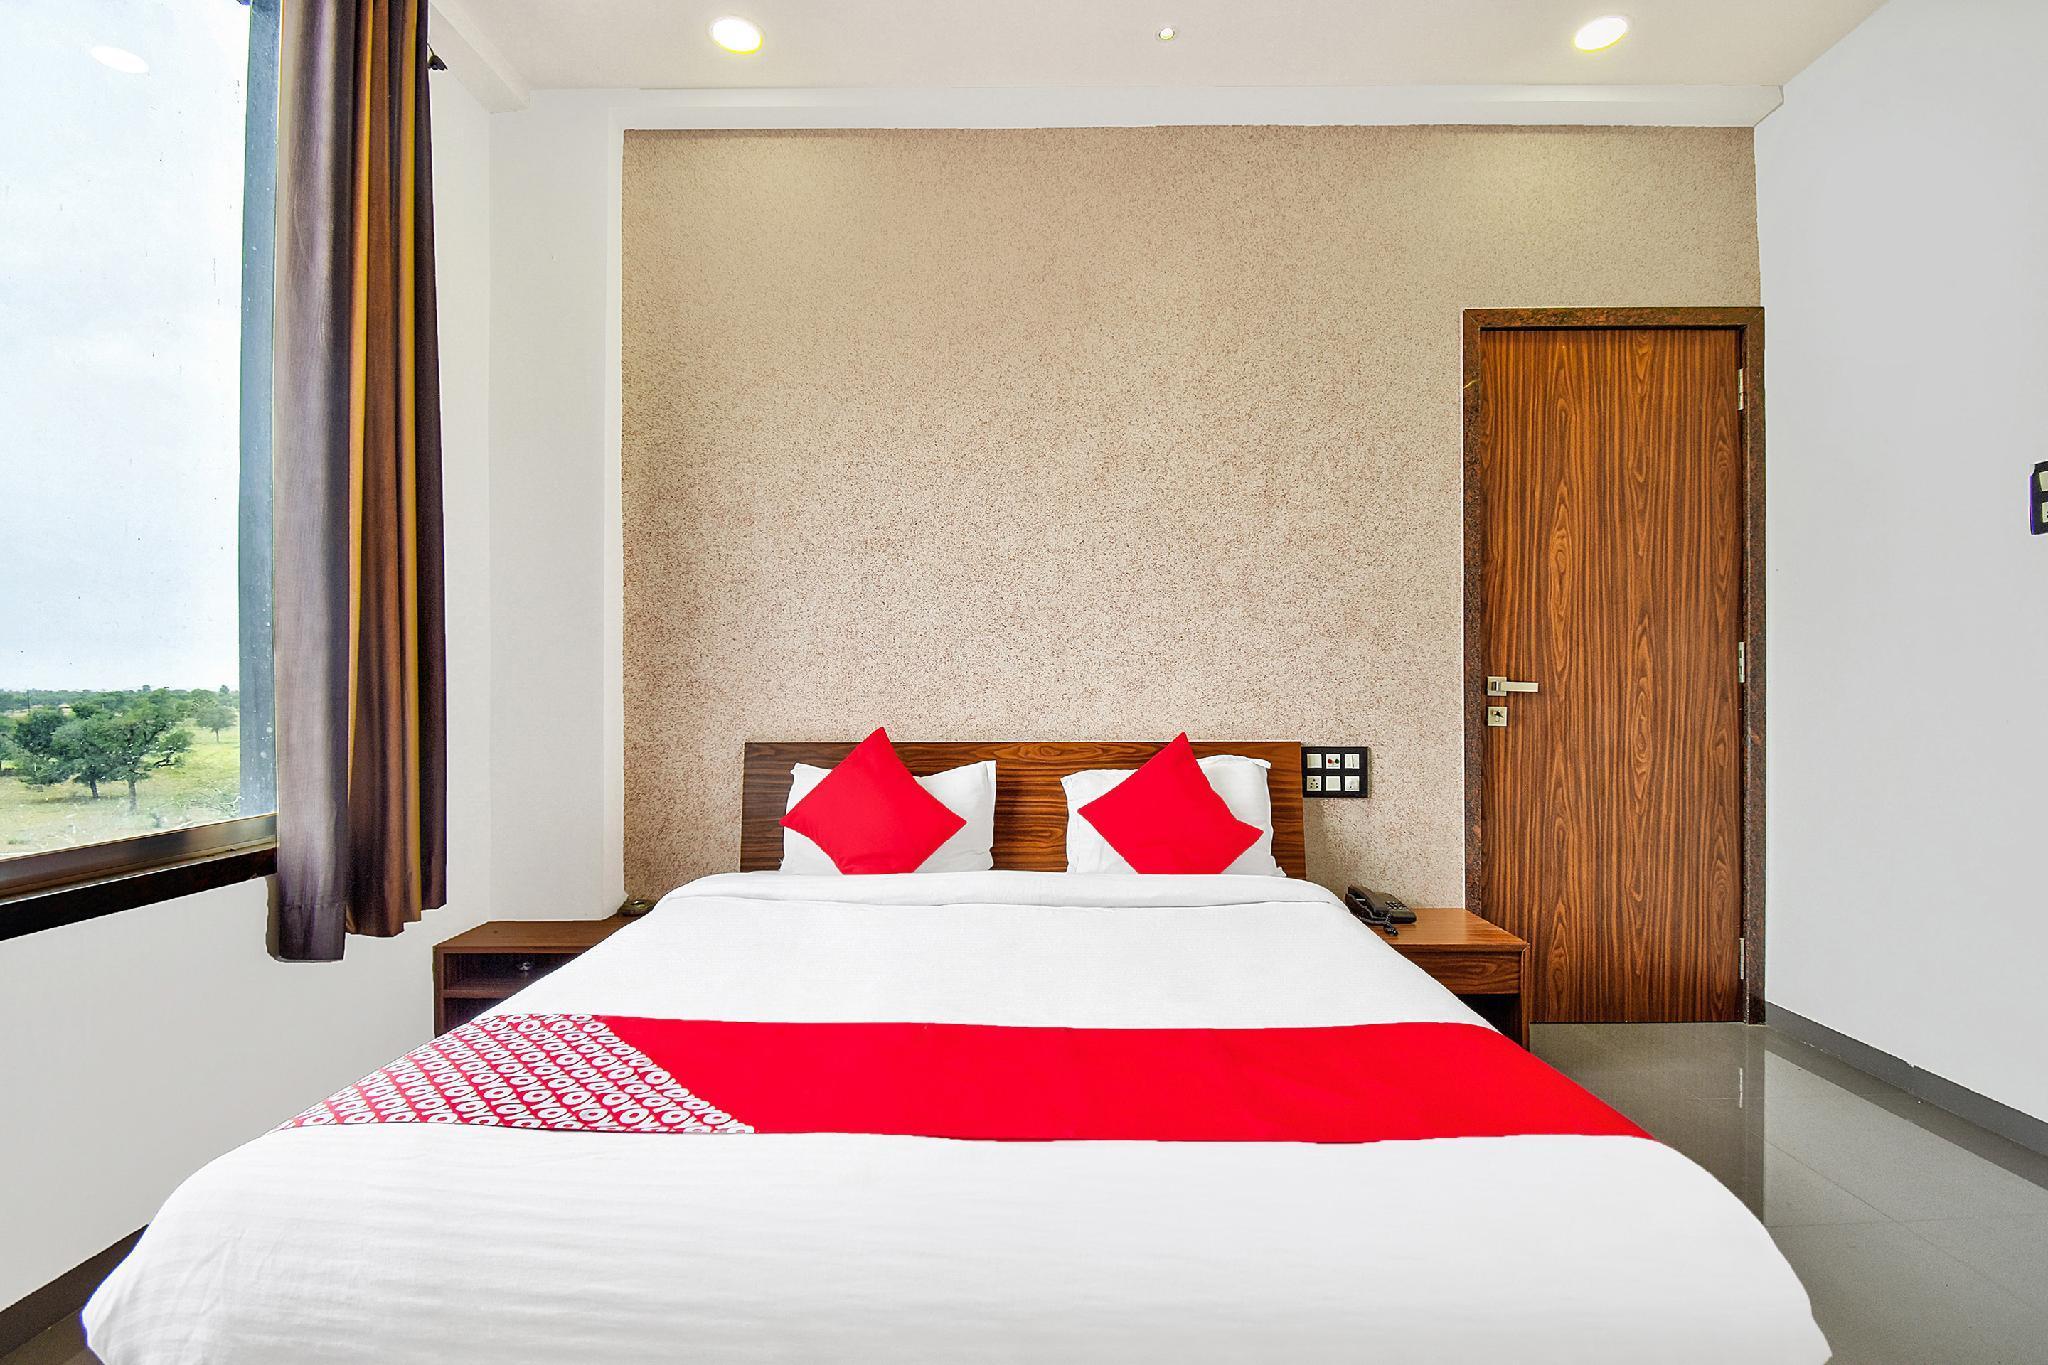 OYO 42980 Hotel Rahul Raj, Sikar